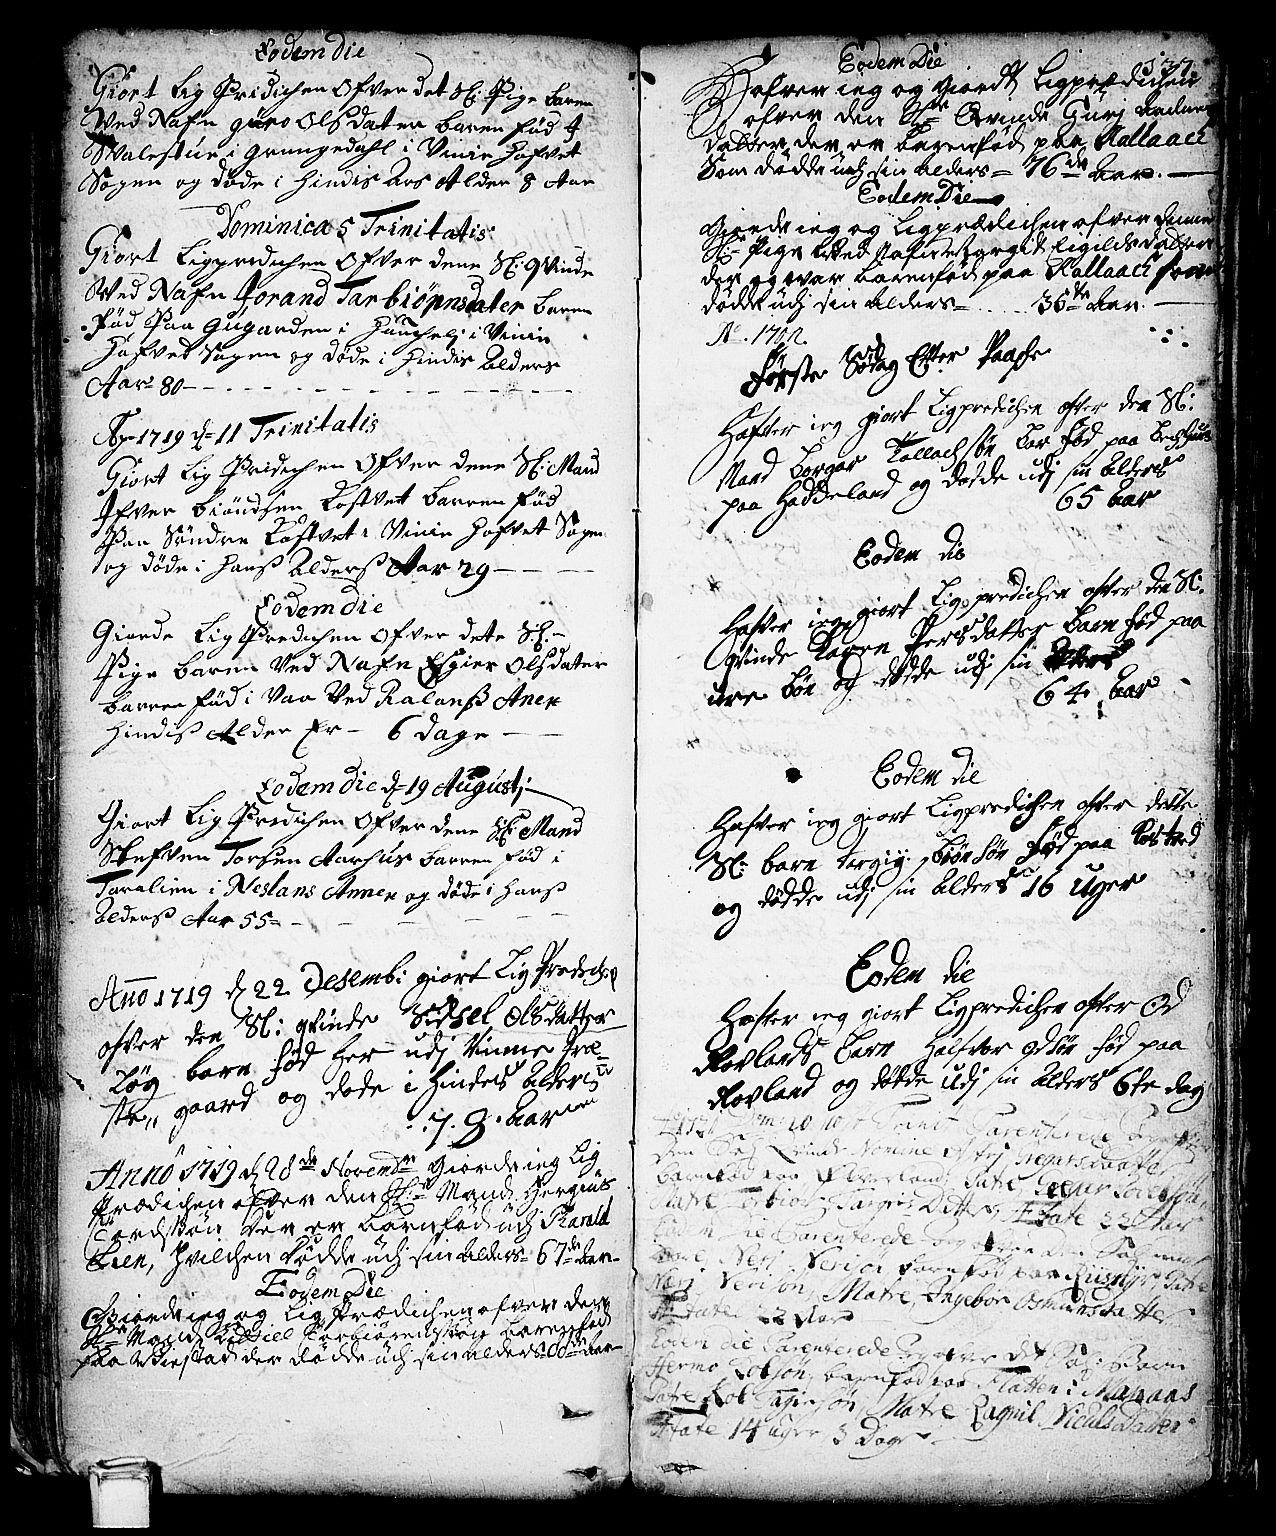 SAKO, Vinje kirkebøker, F/Fa/L0001: Ministerialbok nr. I 1, 1717-1766, s. 137